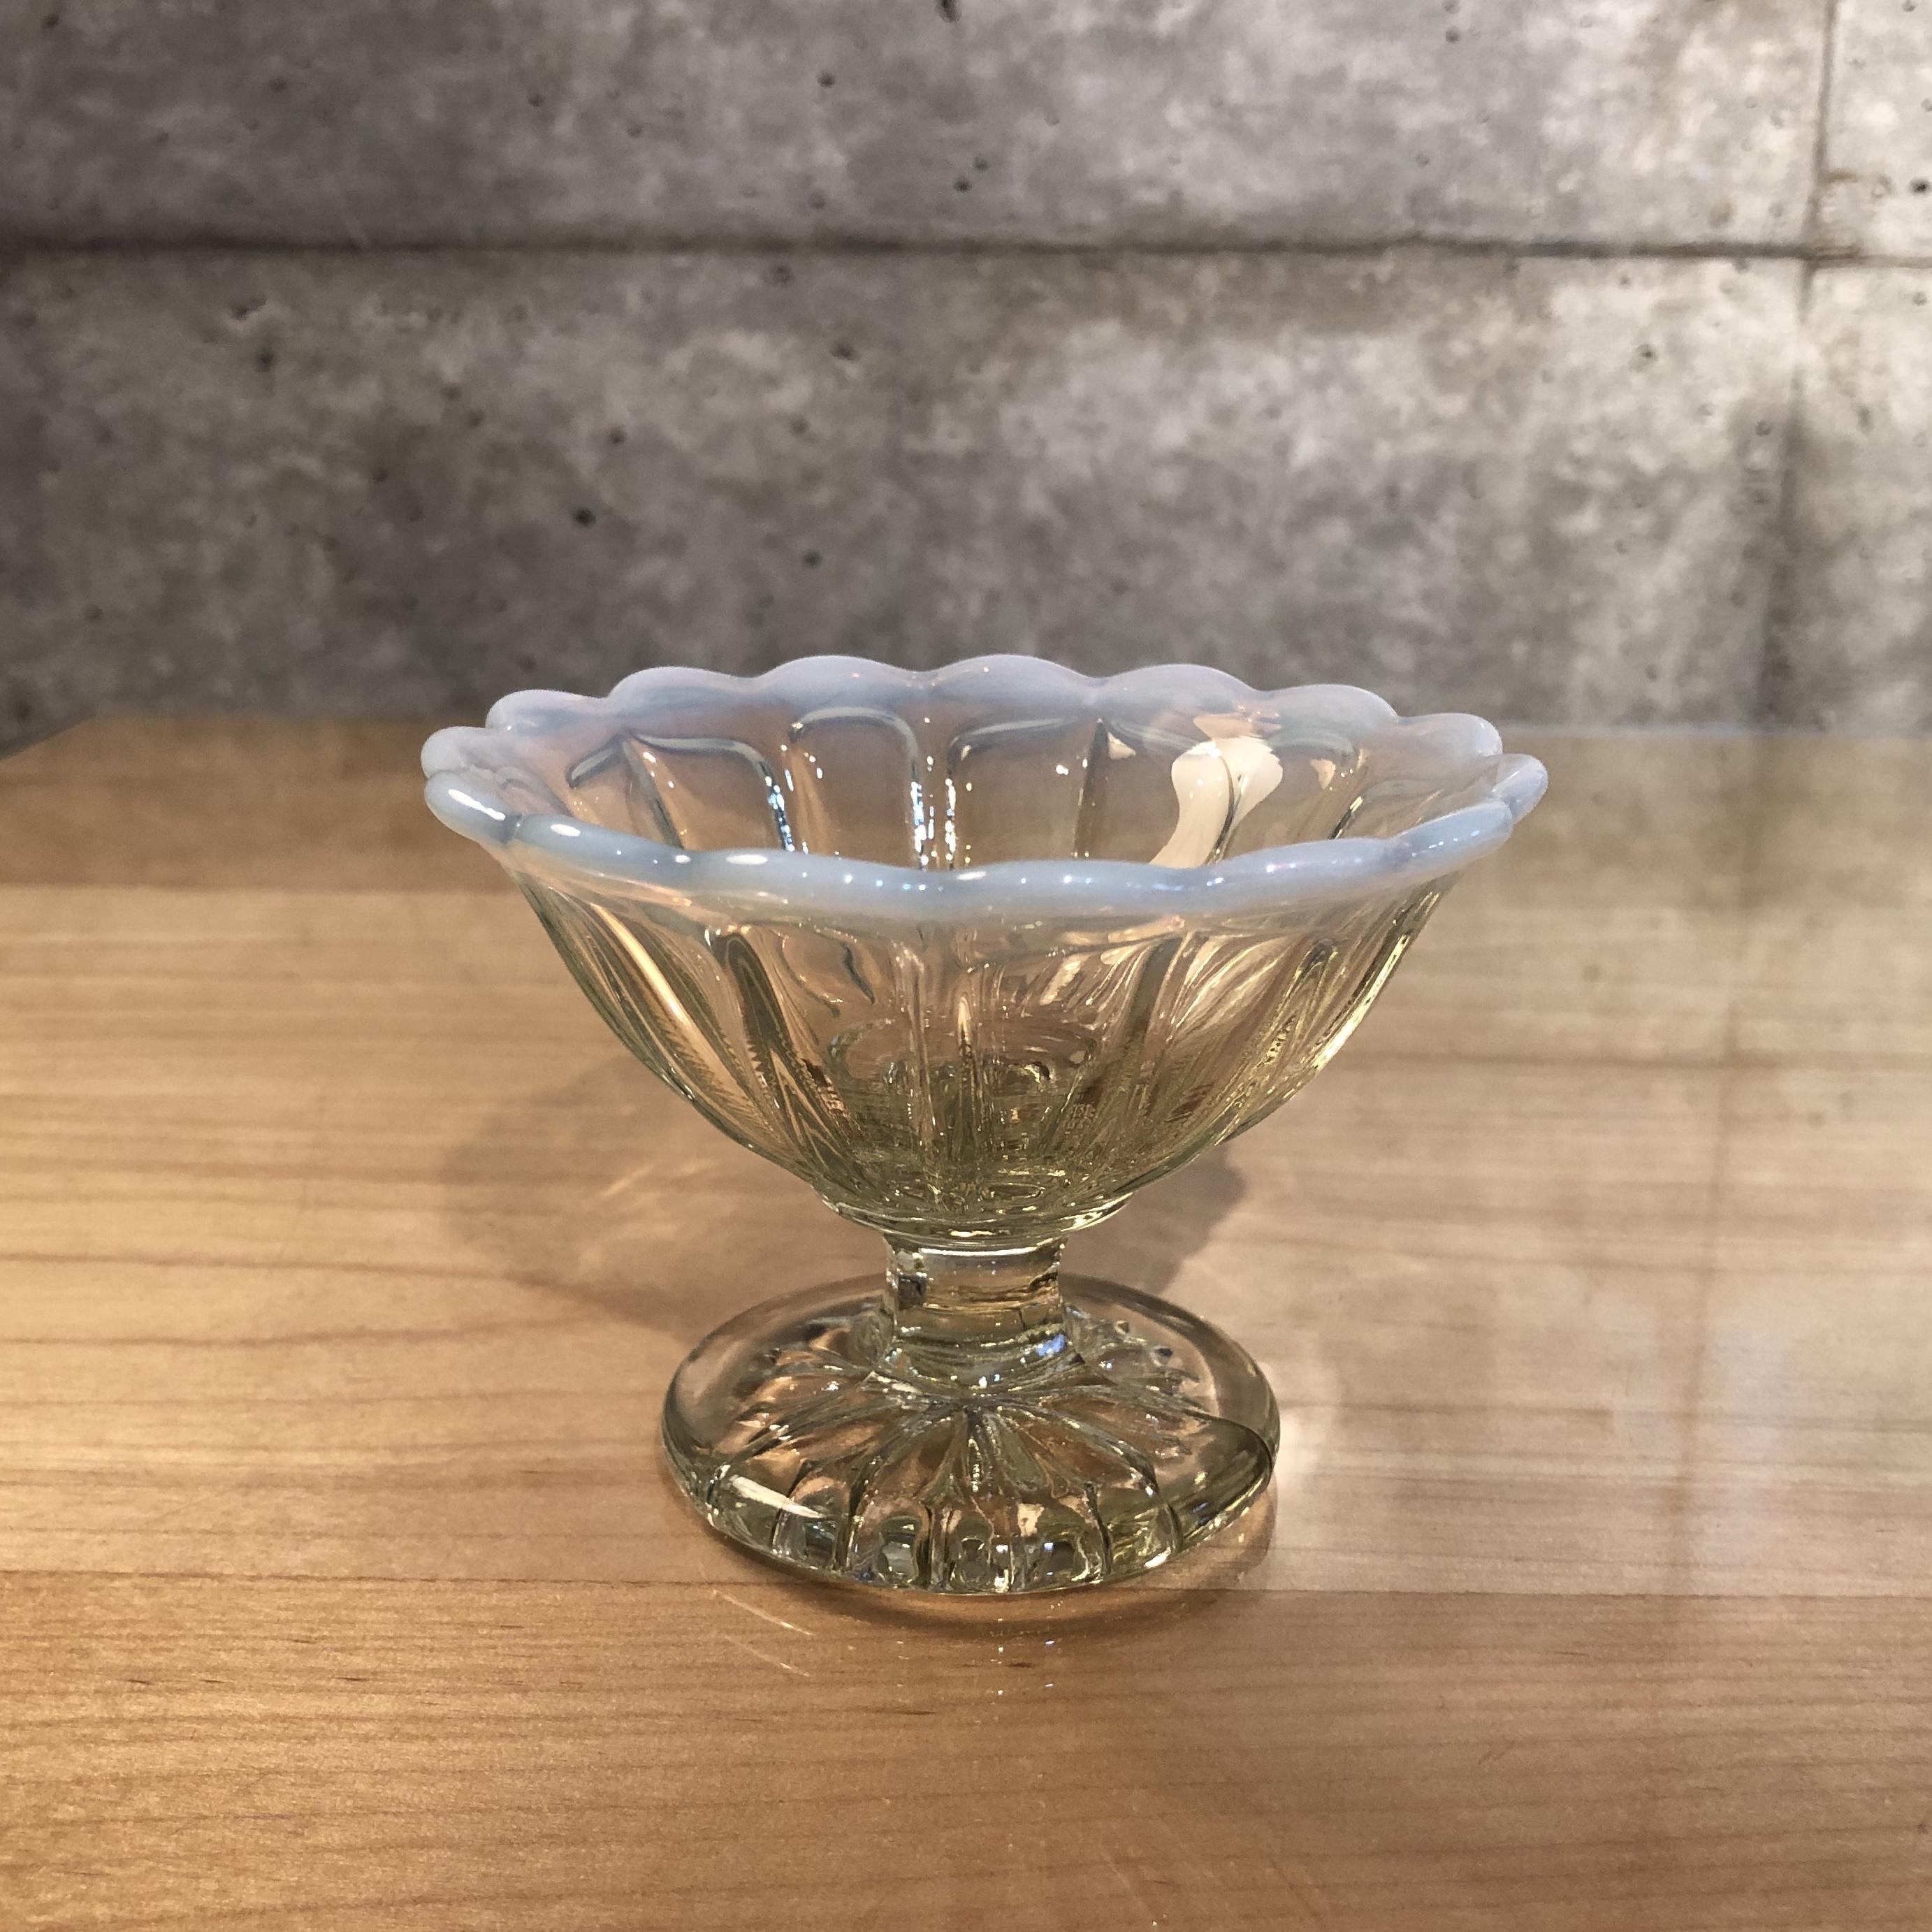 大正浪漫 ミニアイスクリームグラス 古代色